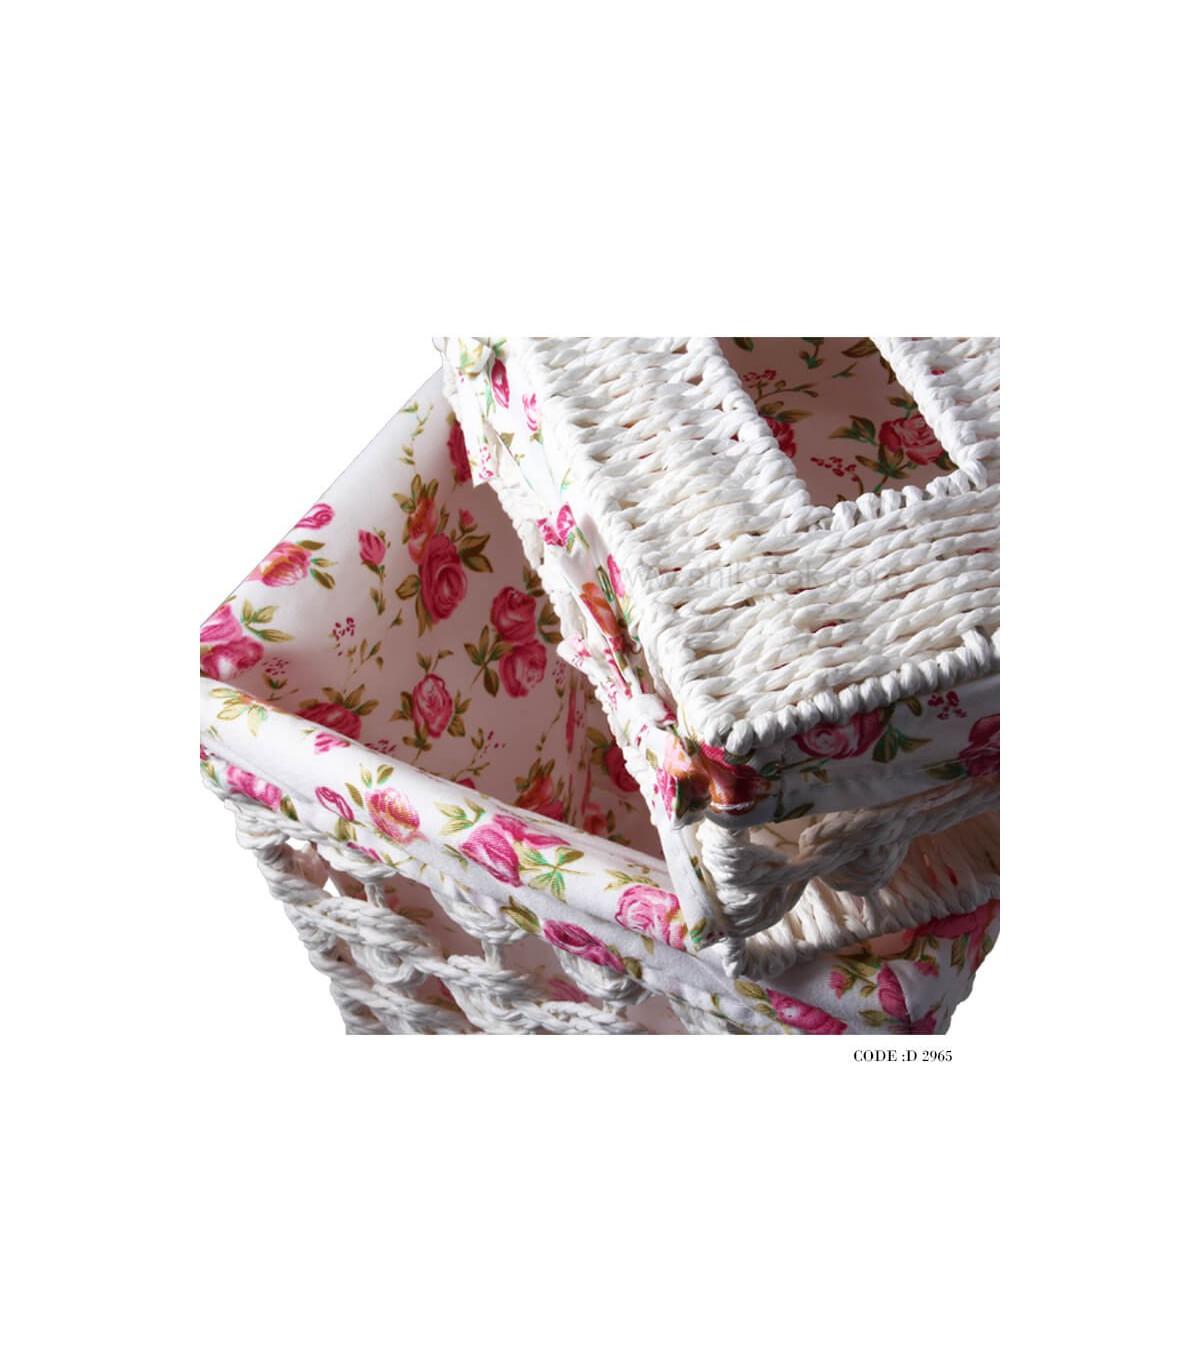 سرویس سطل و جادستمالی سفید گلدار